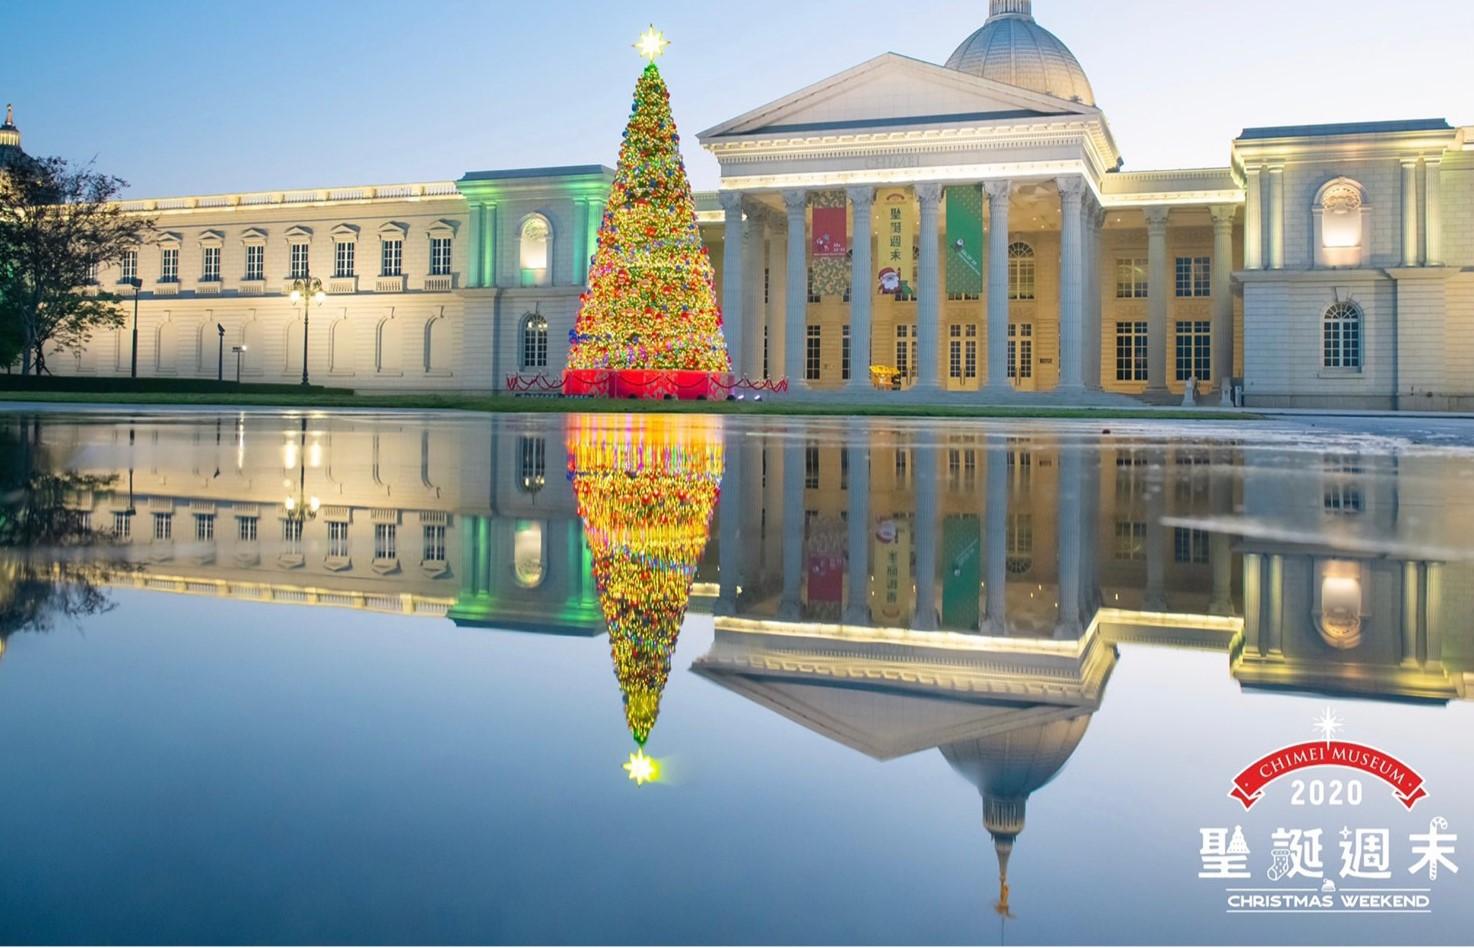 奇美博物館【聖誕周末】強勢來襲!體驗【聖誕市集x聖誕舞會x戶外聖誕電影x漫遊各國館藏】